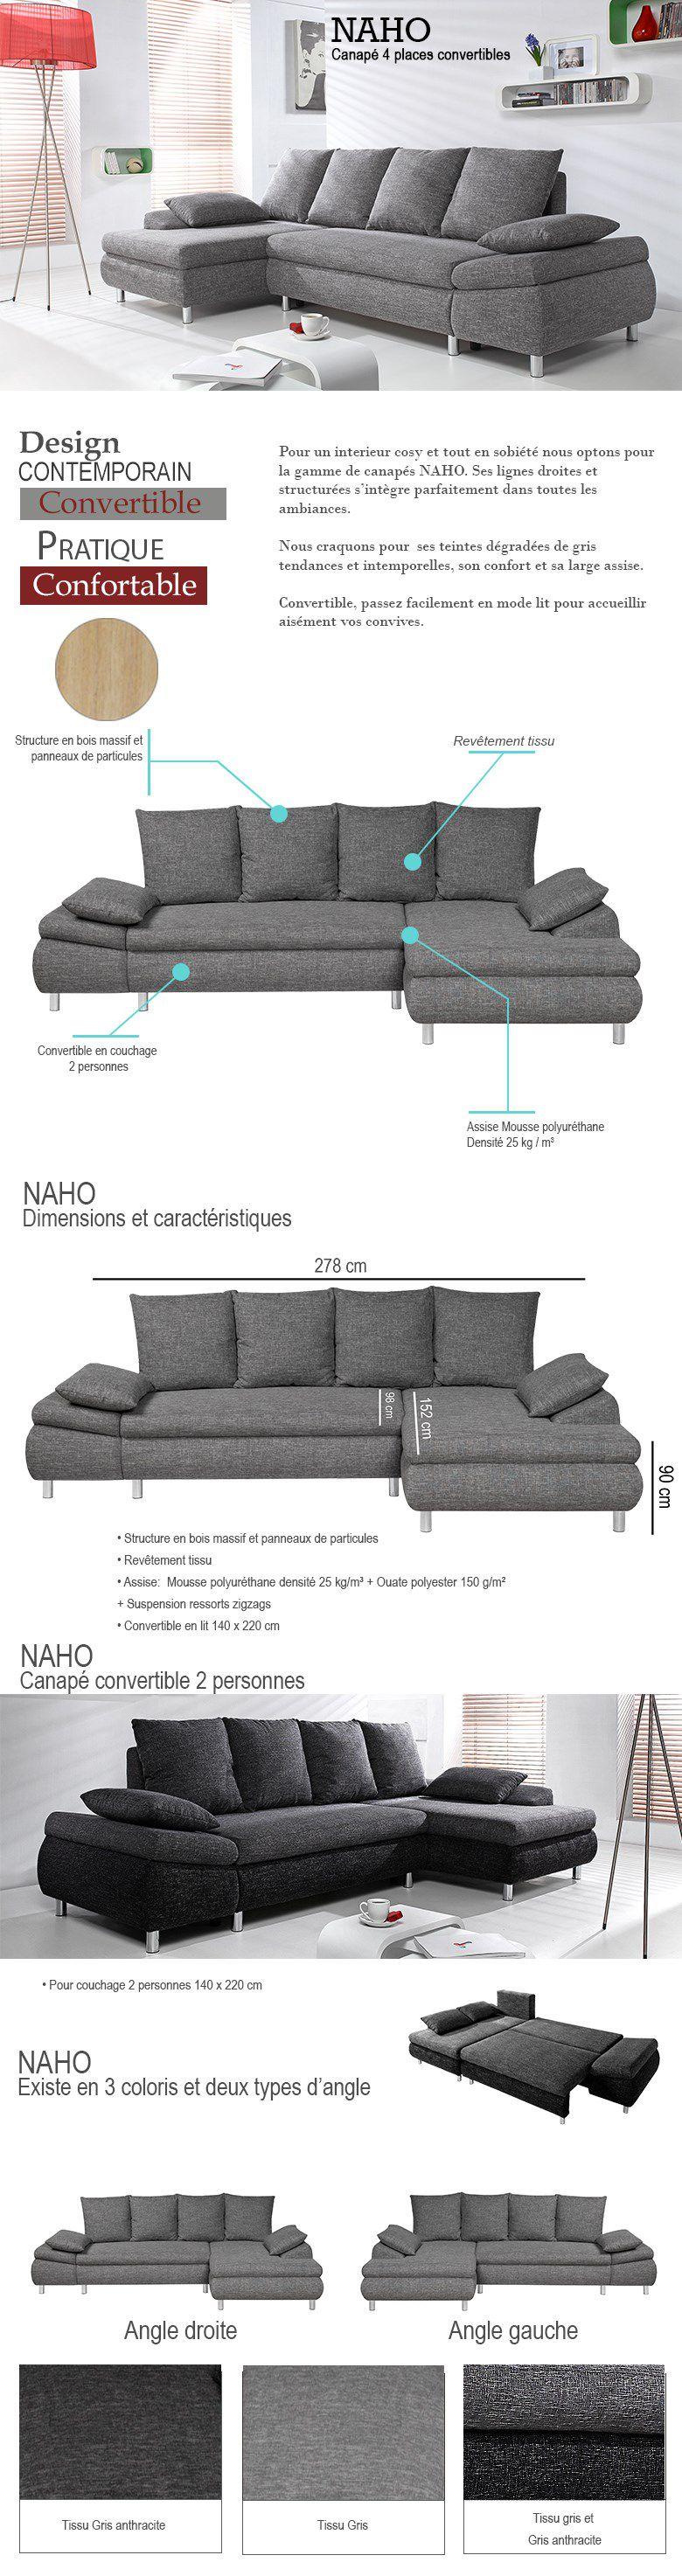 Extrêmement NAHO Canapé d'angle convertible 4 places - Tissu gris anthracite  GO48